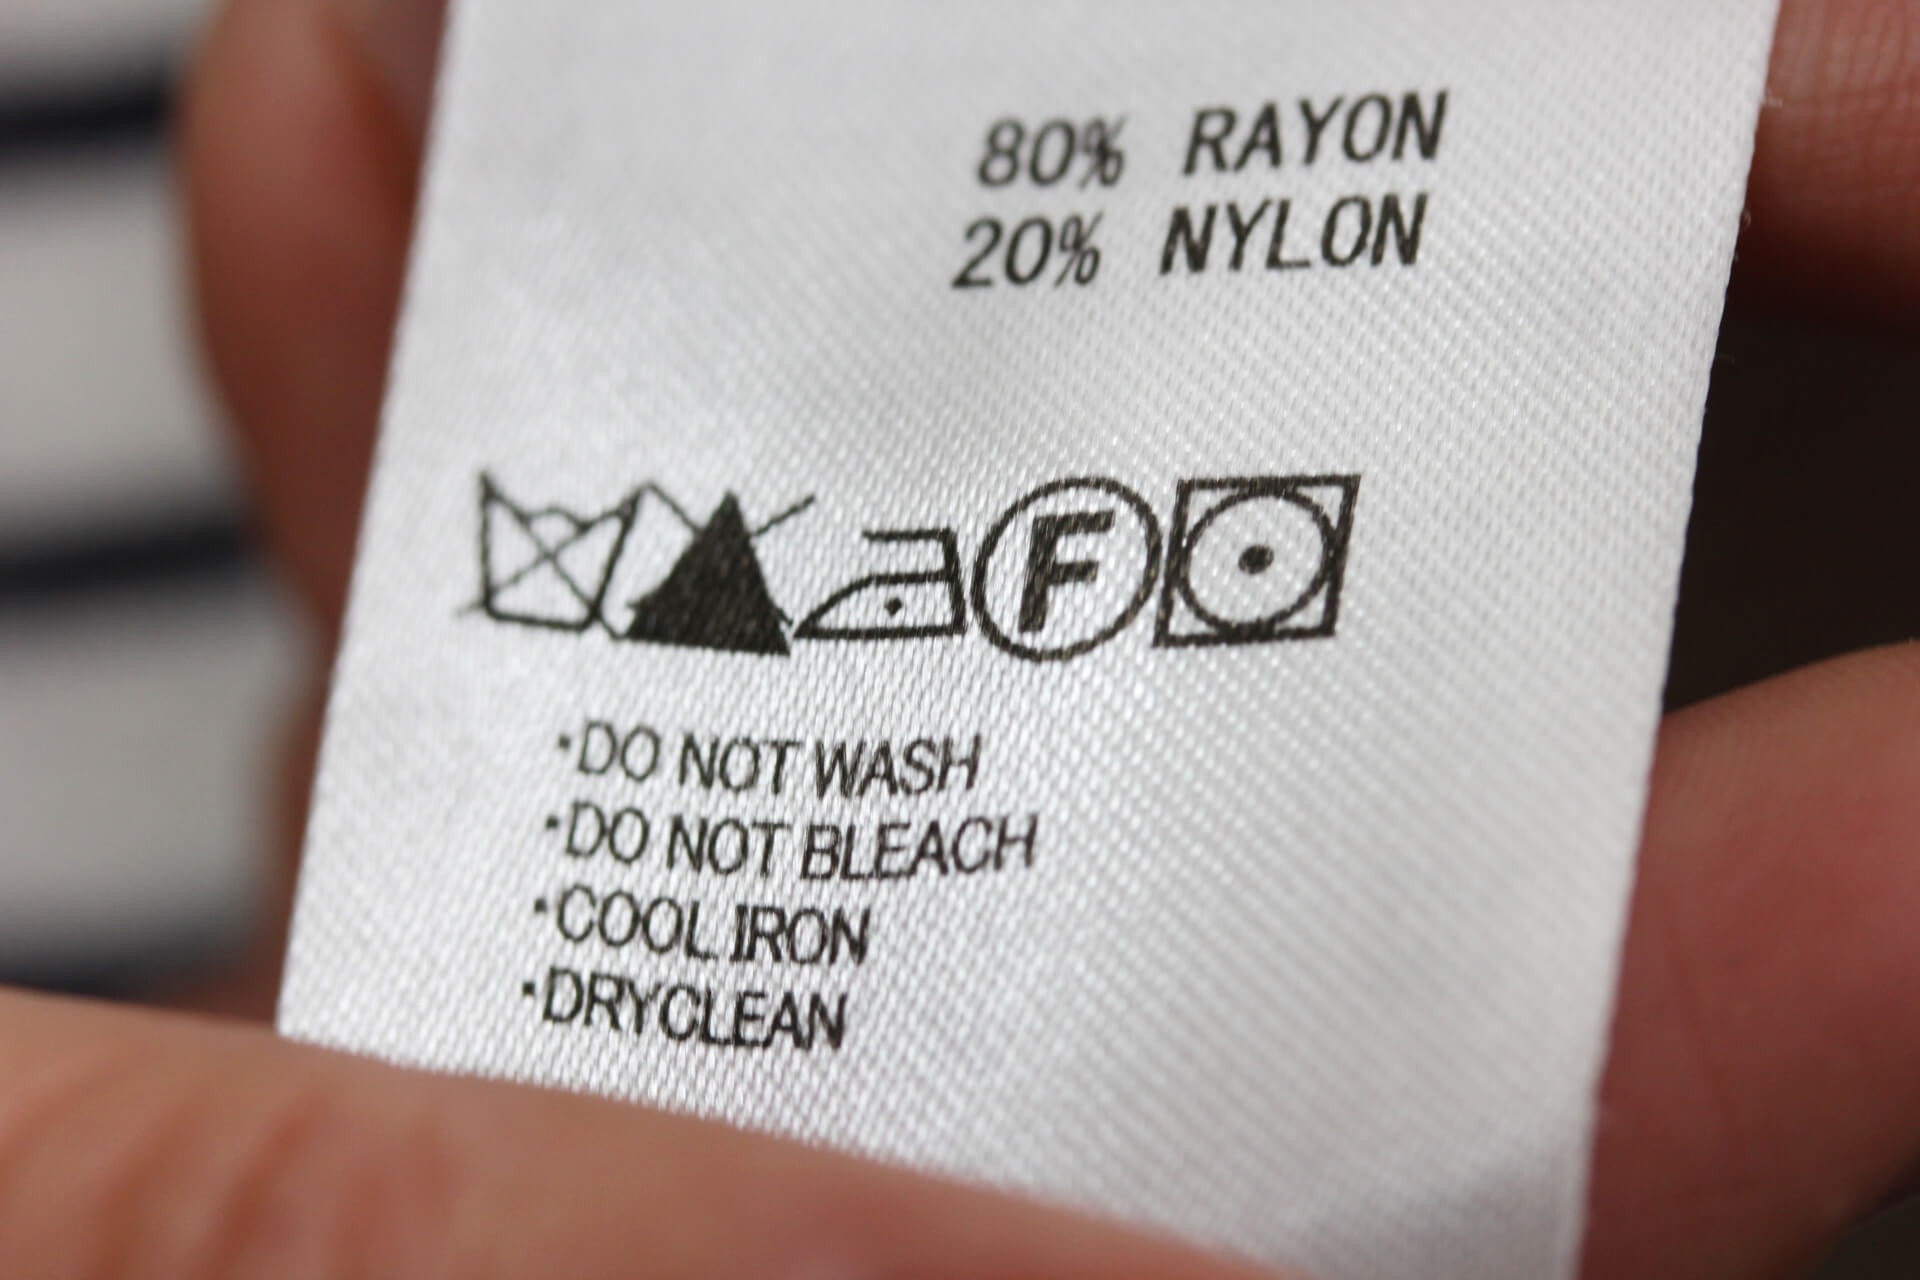 ジャケットの洗濯は自宅で可能?基本の洗濯方法やダウンの洗い方も